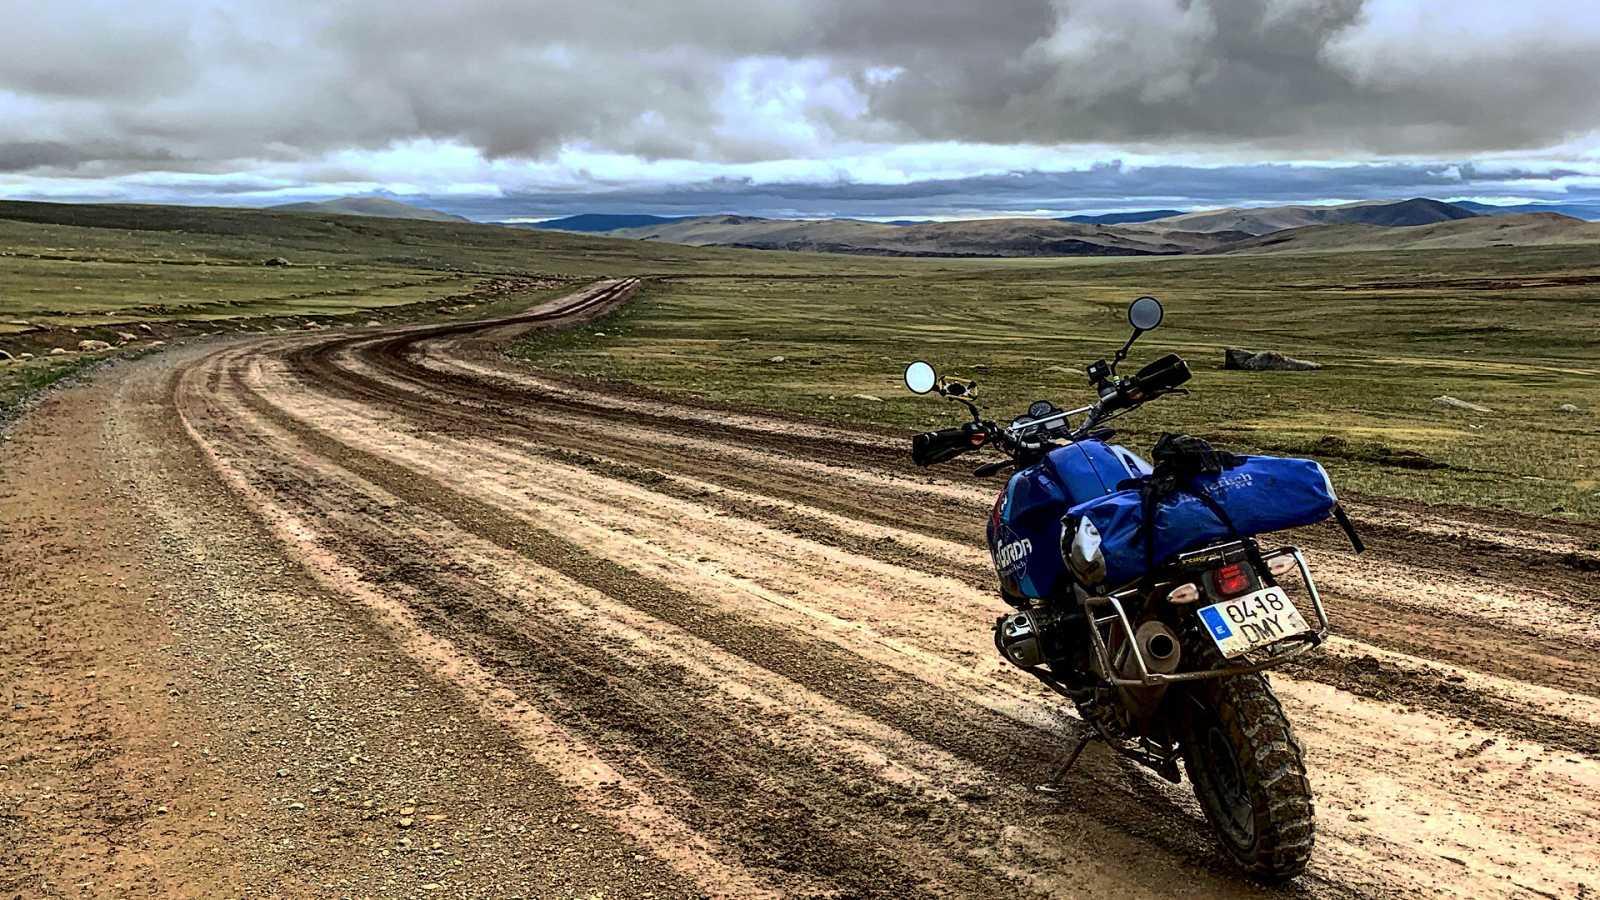 Diario de un nómada - Las huellas de Gengis Khan: La caótica frontera de Mongolia - ver ahora